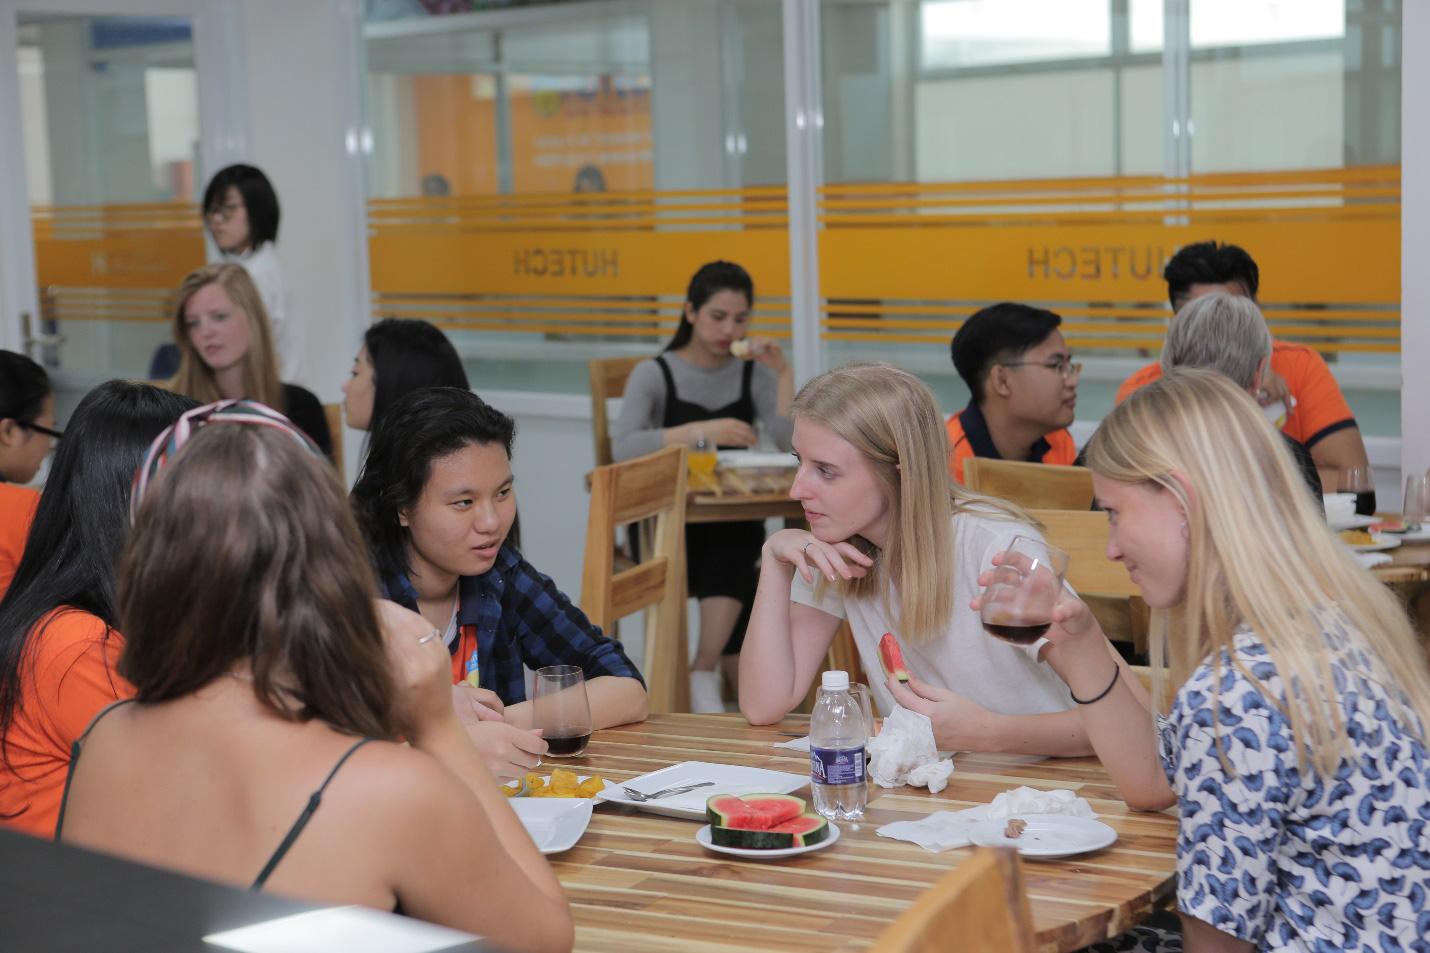 5 tiêu chí chọn trường đại học của sinh viên thời đại mới - Ảnh 4.